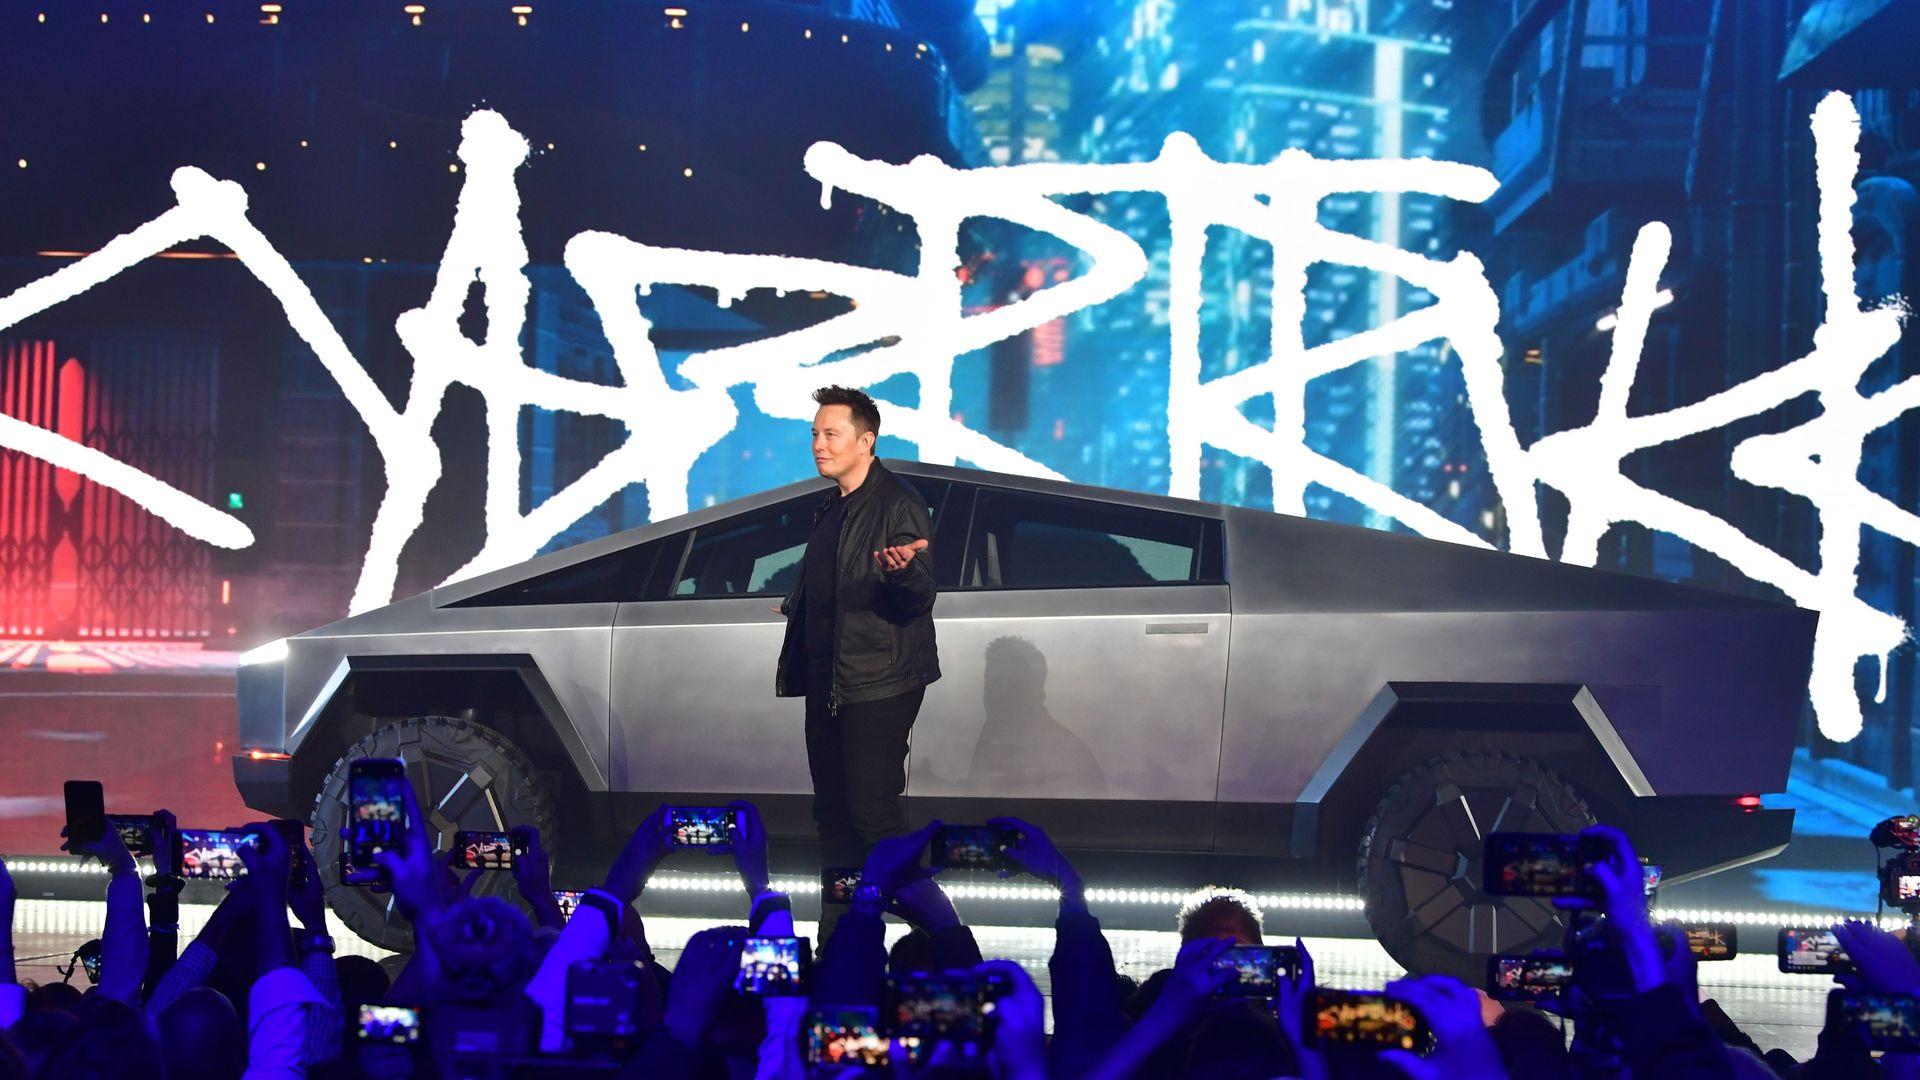 Elon Musk. Cybertruck